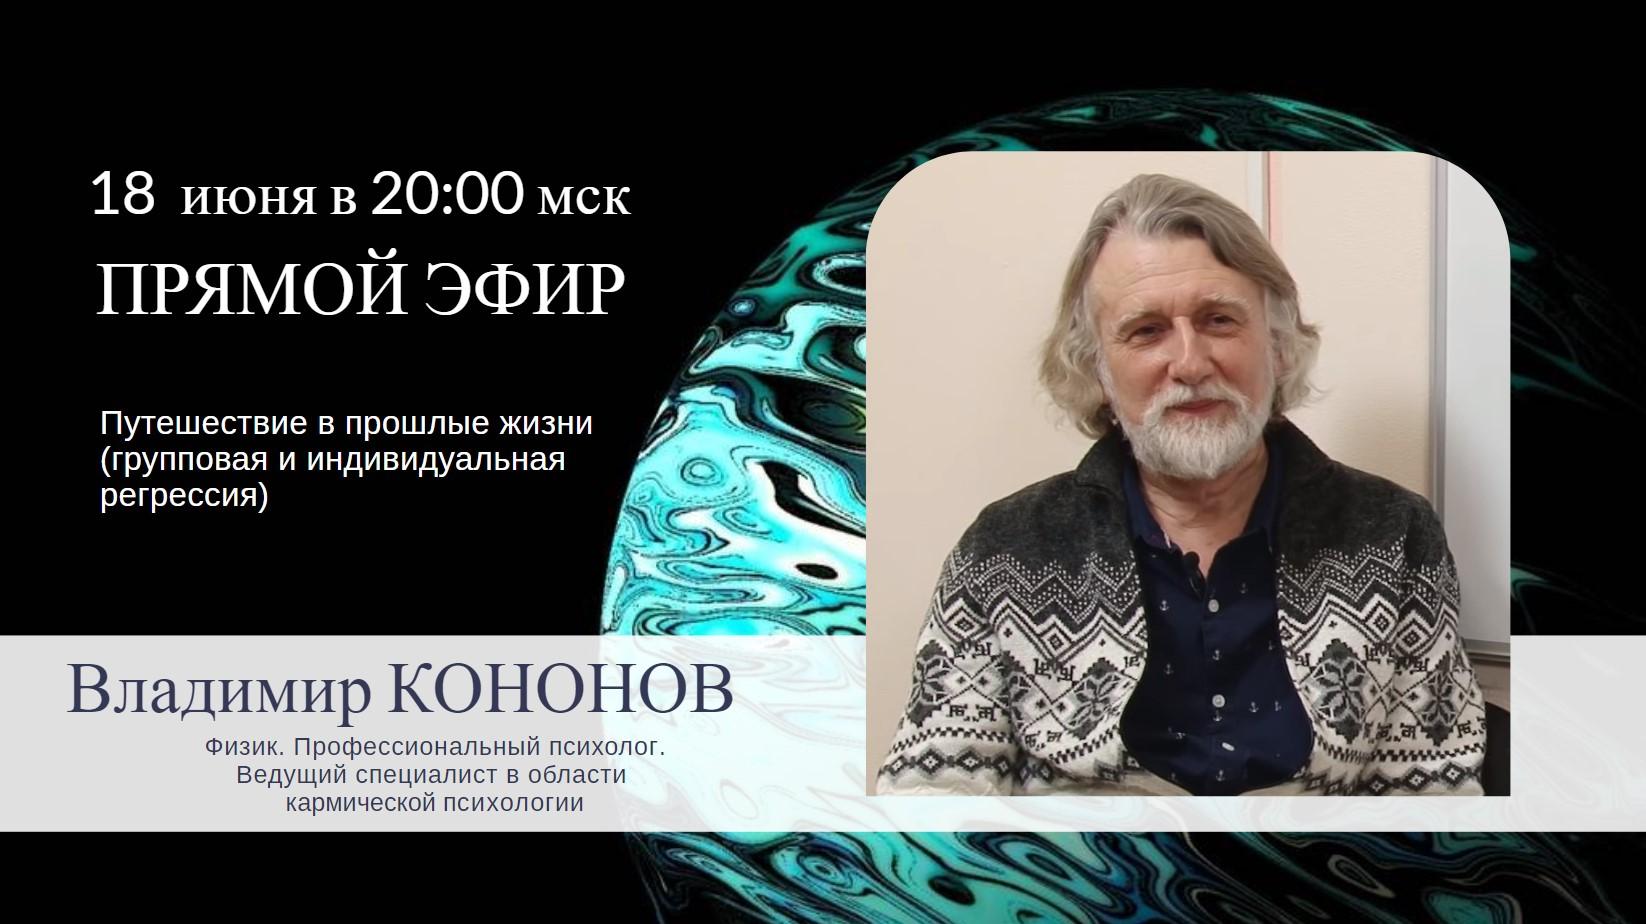 Прямой эфир с Вячеславом ЯЩЕНКО